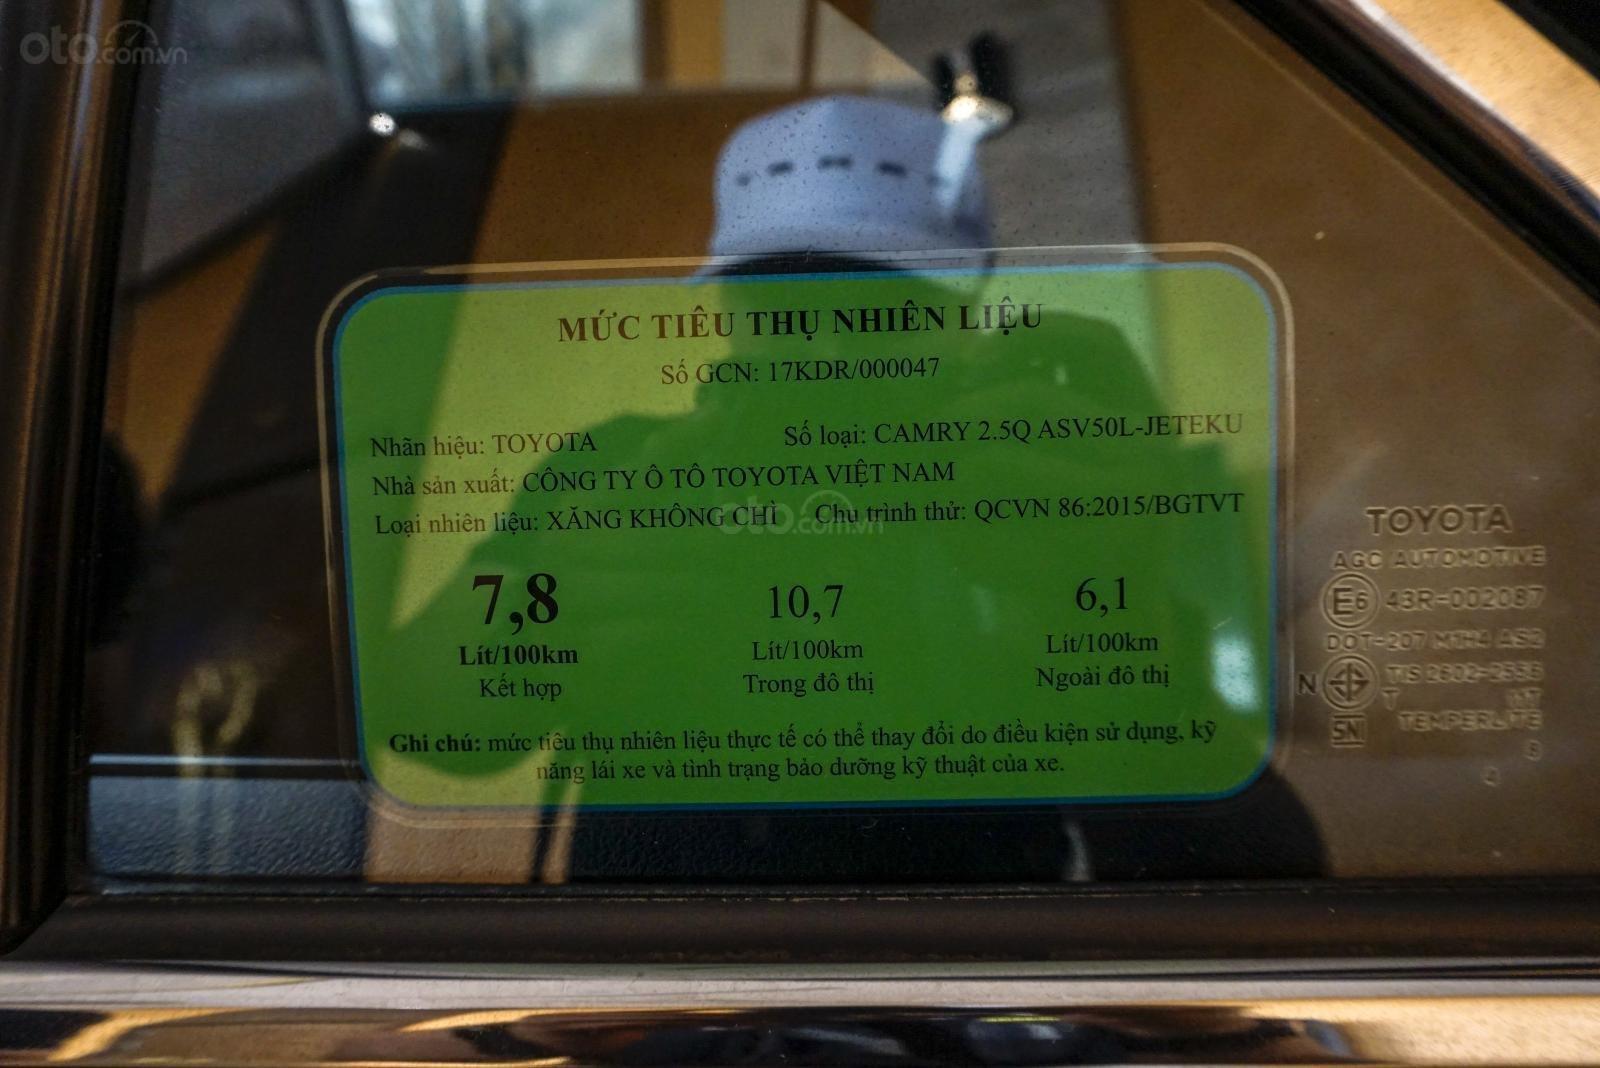 Mức tiêu thụ nhiên liệu của Toyota Camry 2018.